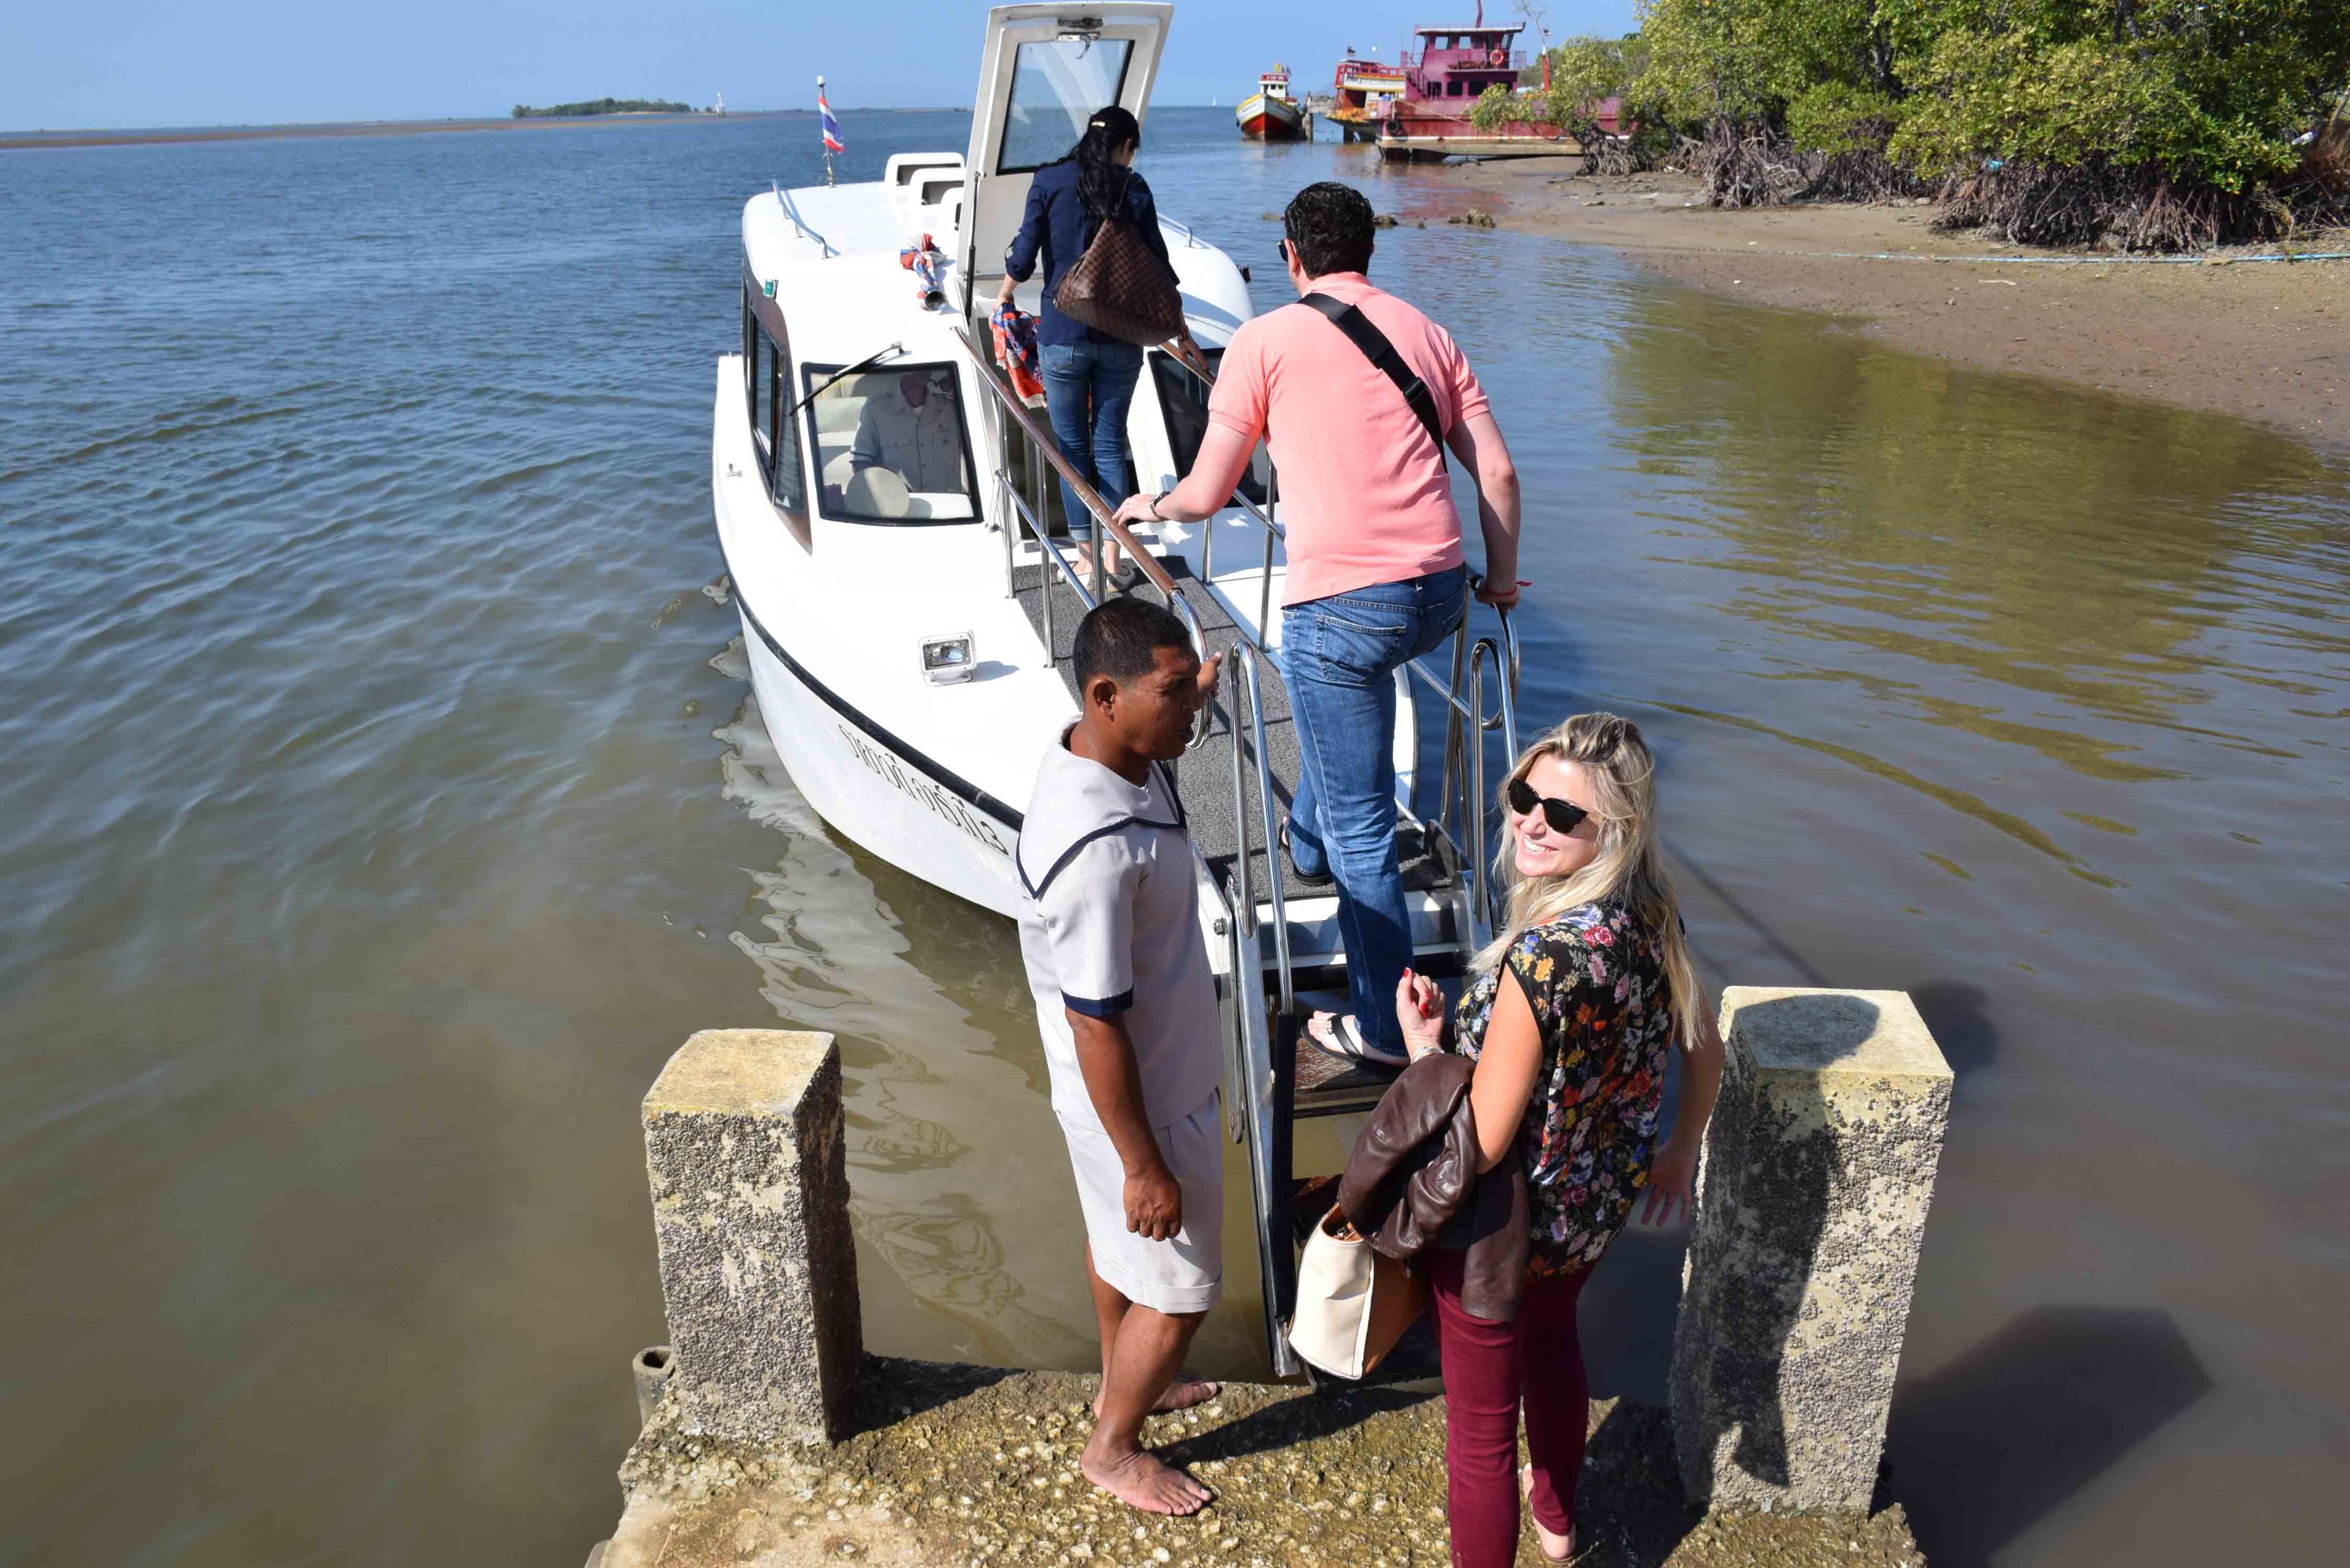 Píer de Krabi | entrando no barco para ir para o hotel!